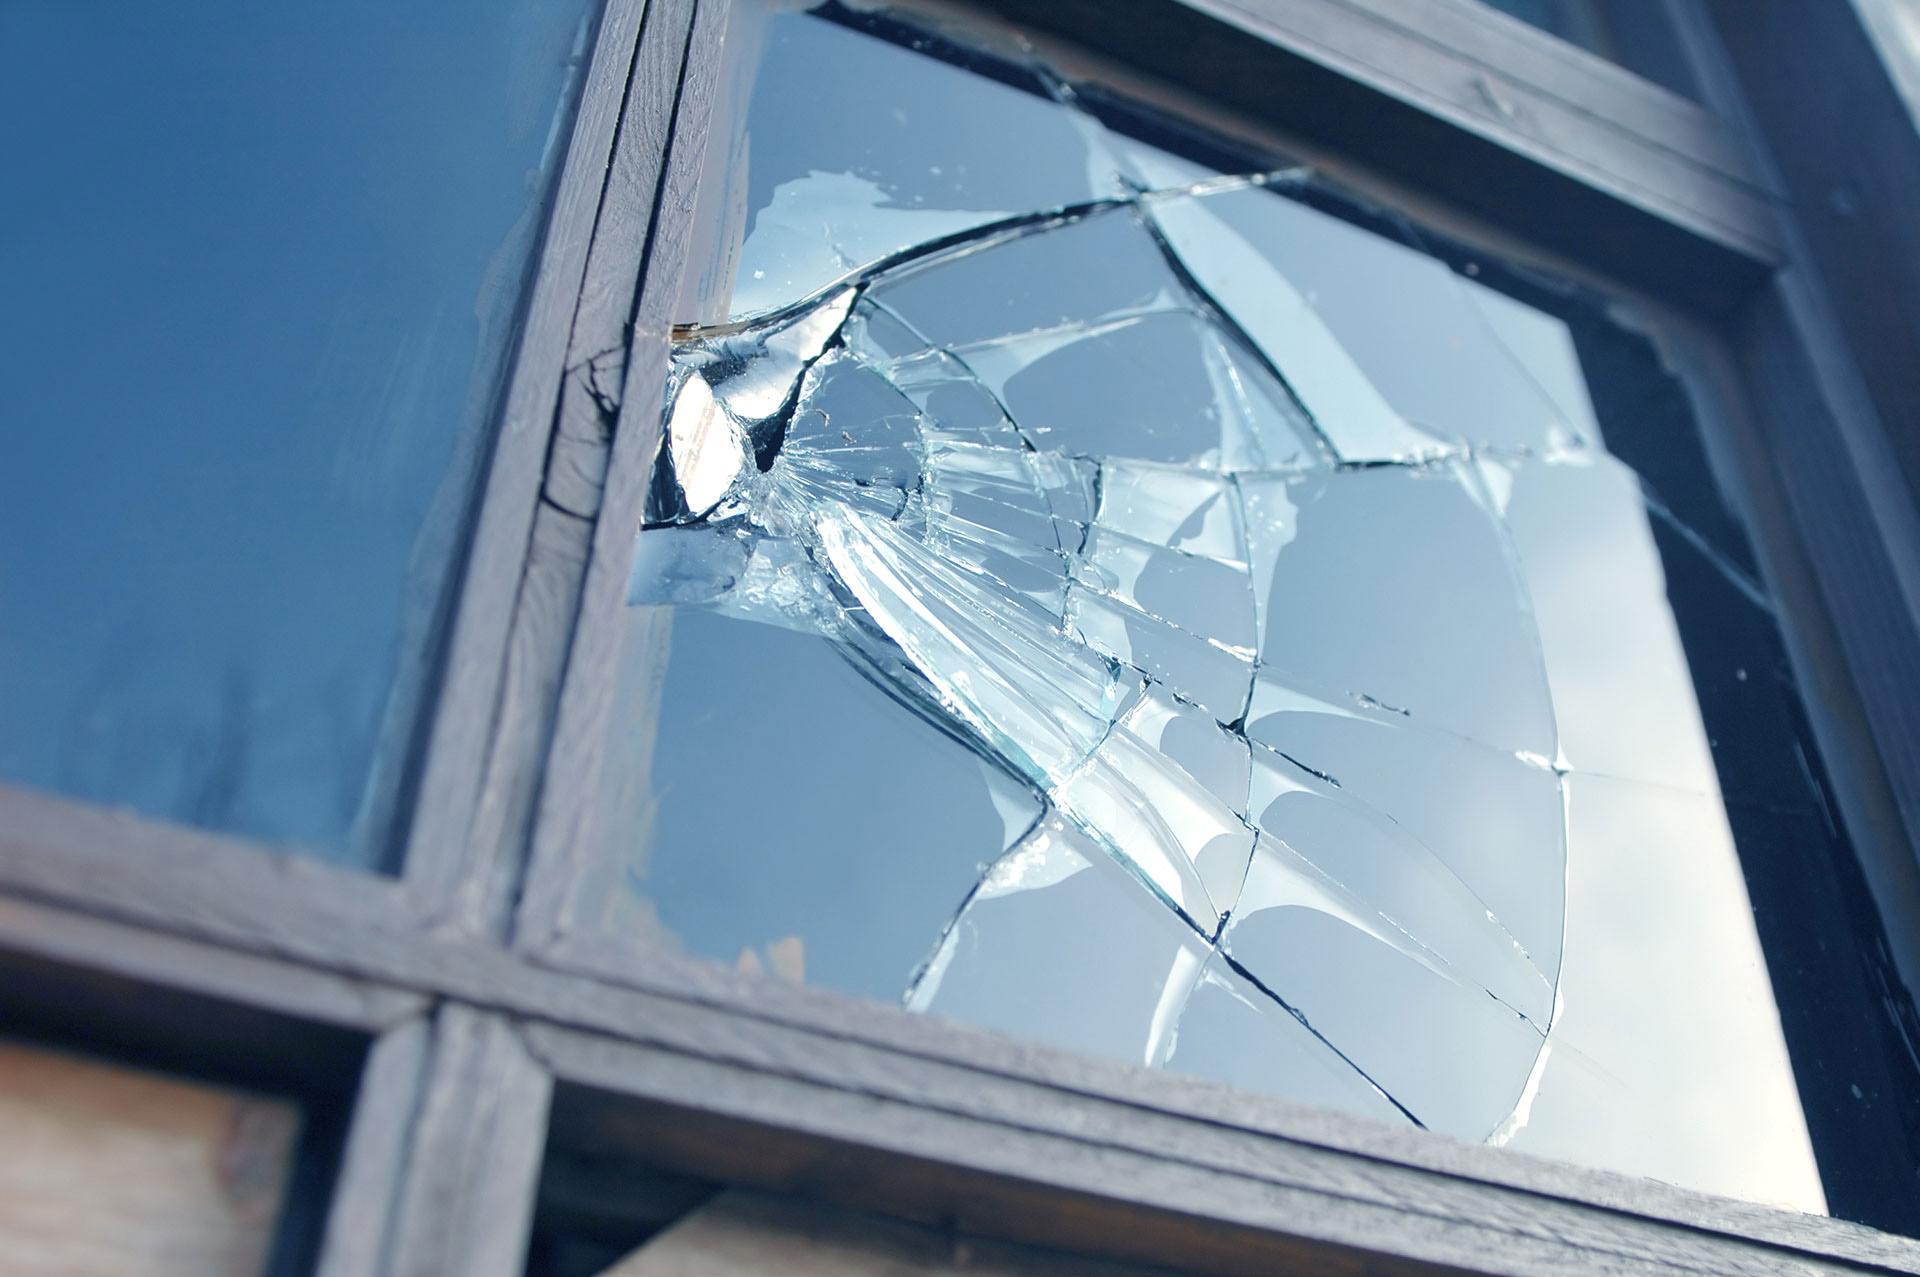 emergency-window-repair-London